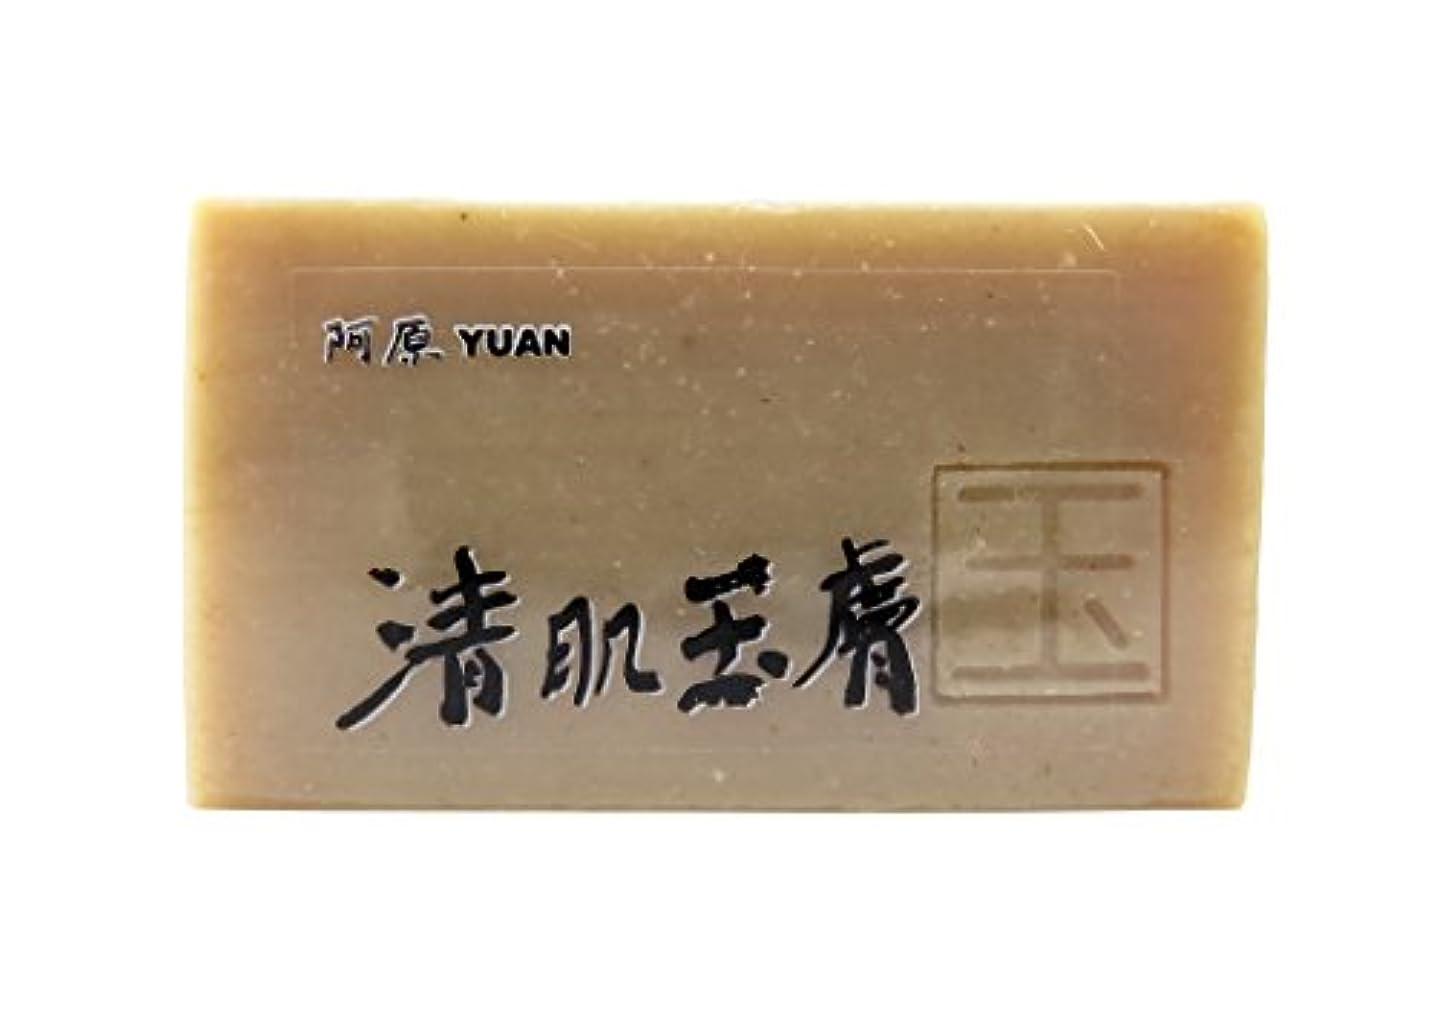 一元化するポンプ称賛ユアン(YUAN) 清玉(せいぎょく)ソープ 固形 100g (阿原 ユアンソープ)